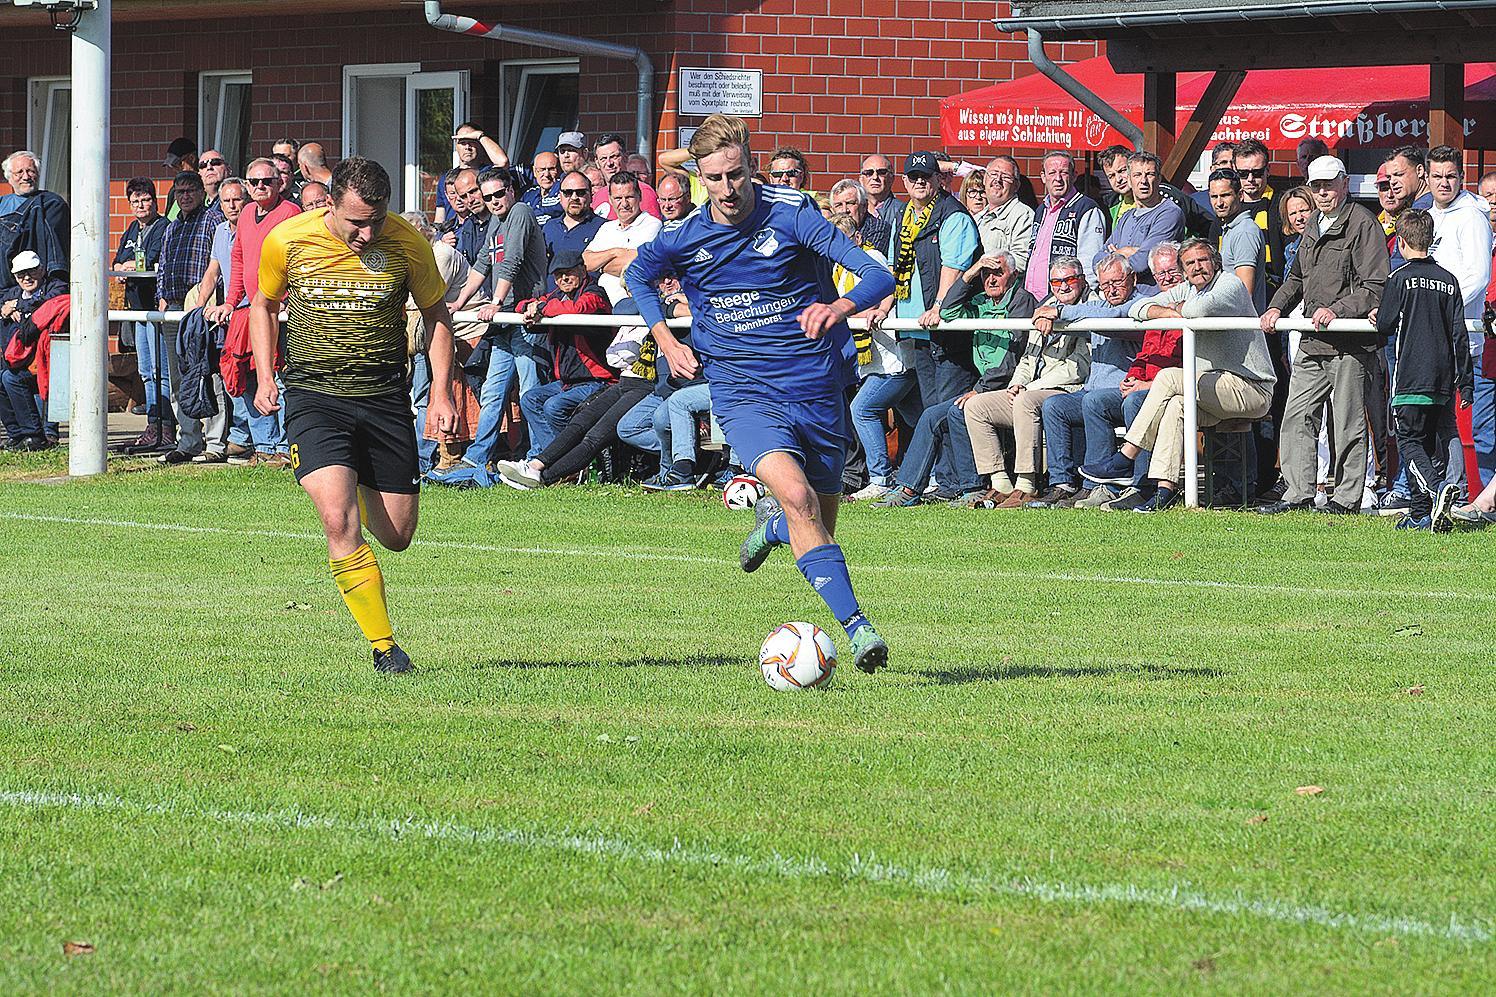 Der eingewechselte Nick Bergmann (rechts) erzielte das 2:0 im Kreispokalfinale. FOTO: DAK